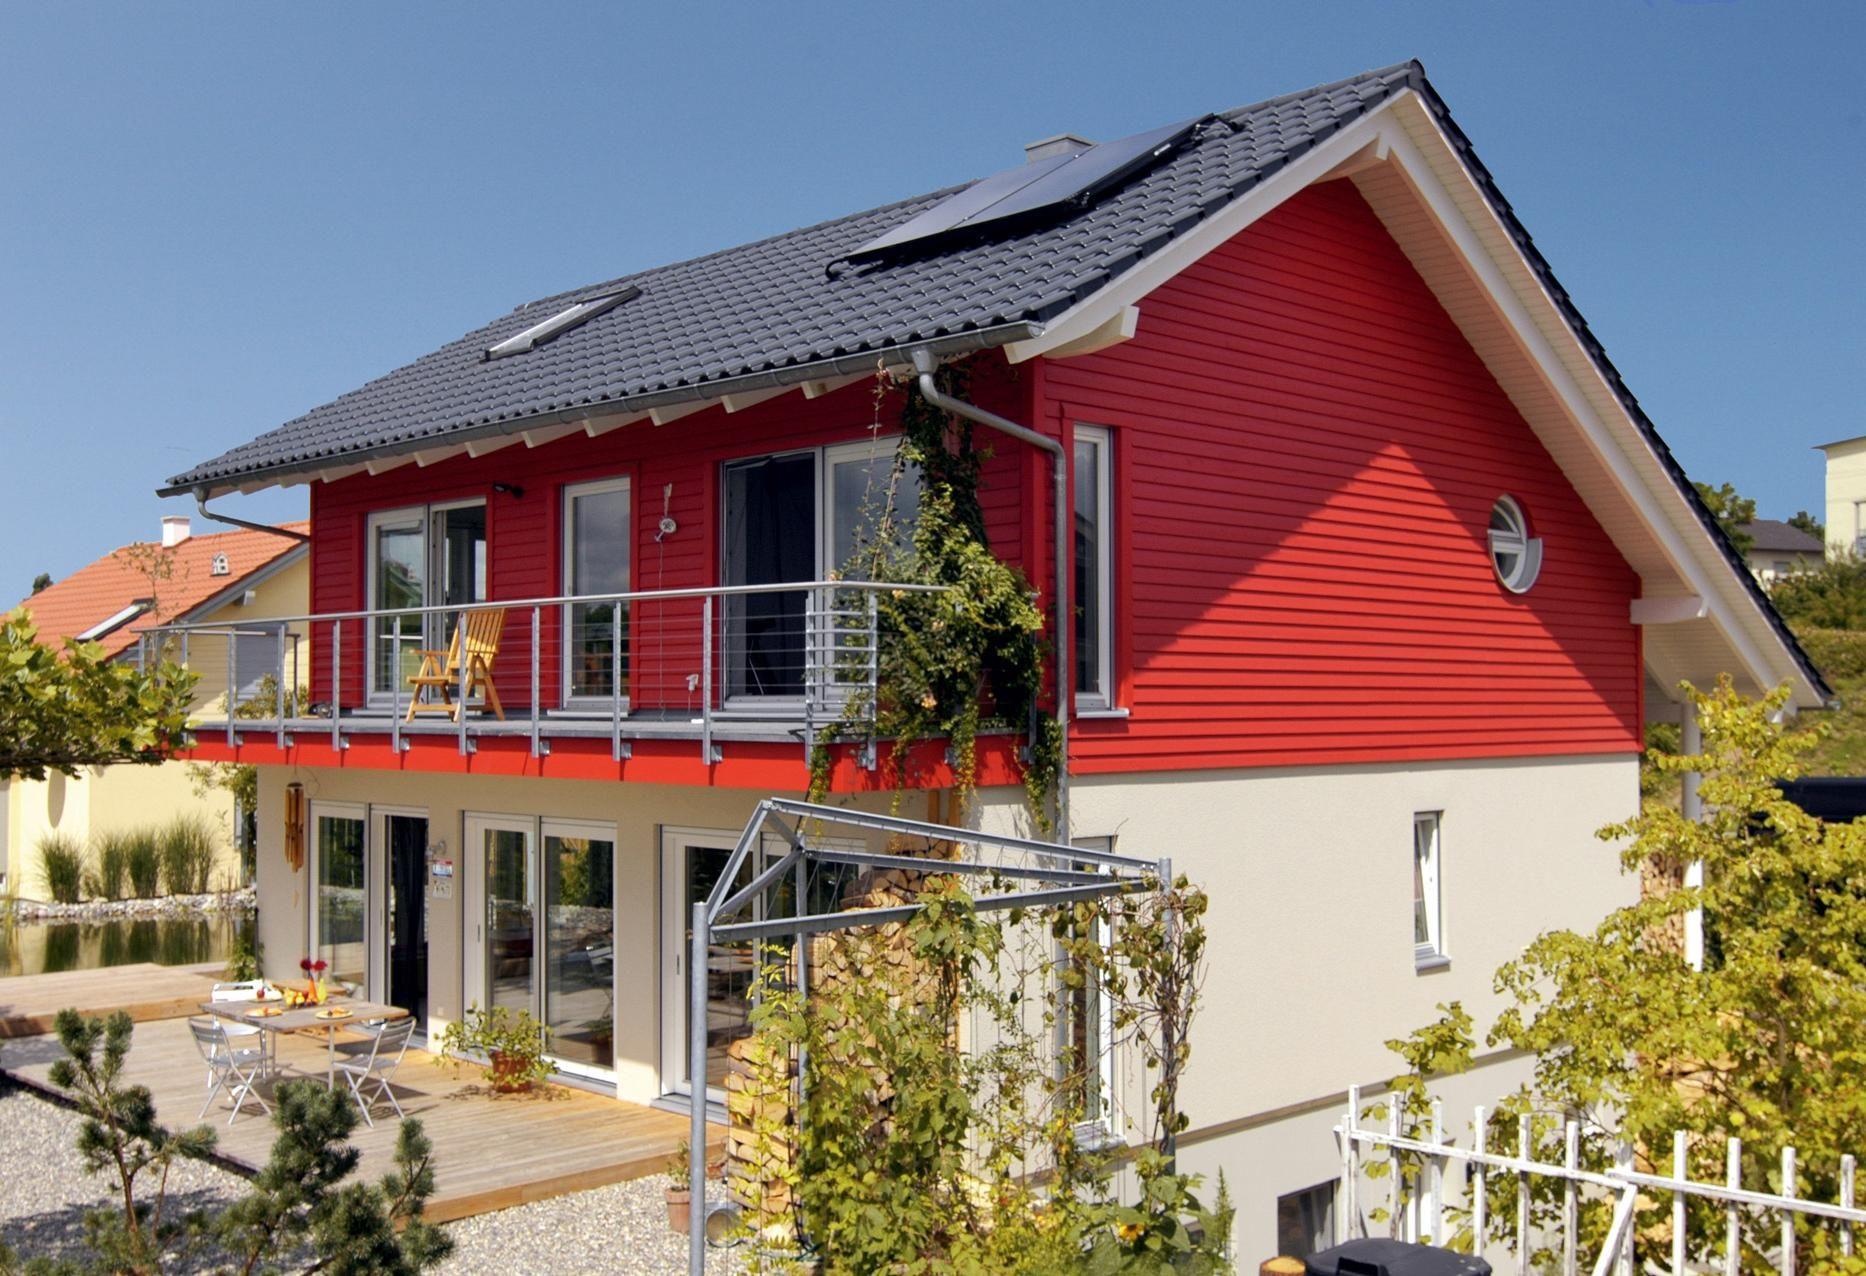 Home design bilder im inneren einfamilienhaus mit quadratischem grundriss  häuser  pinterest